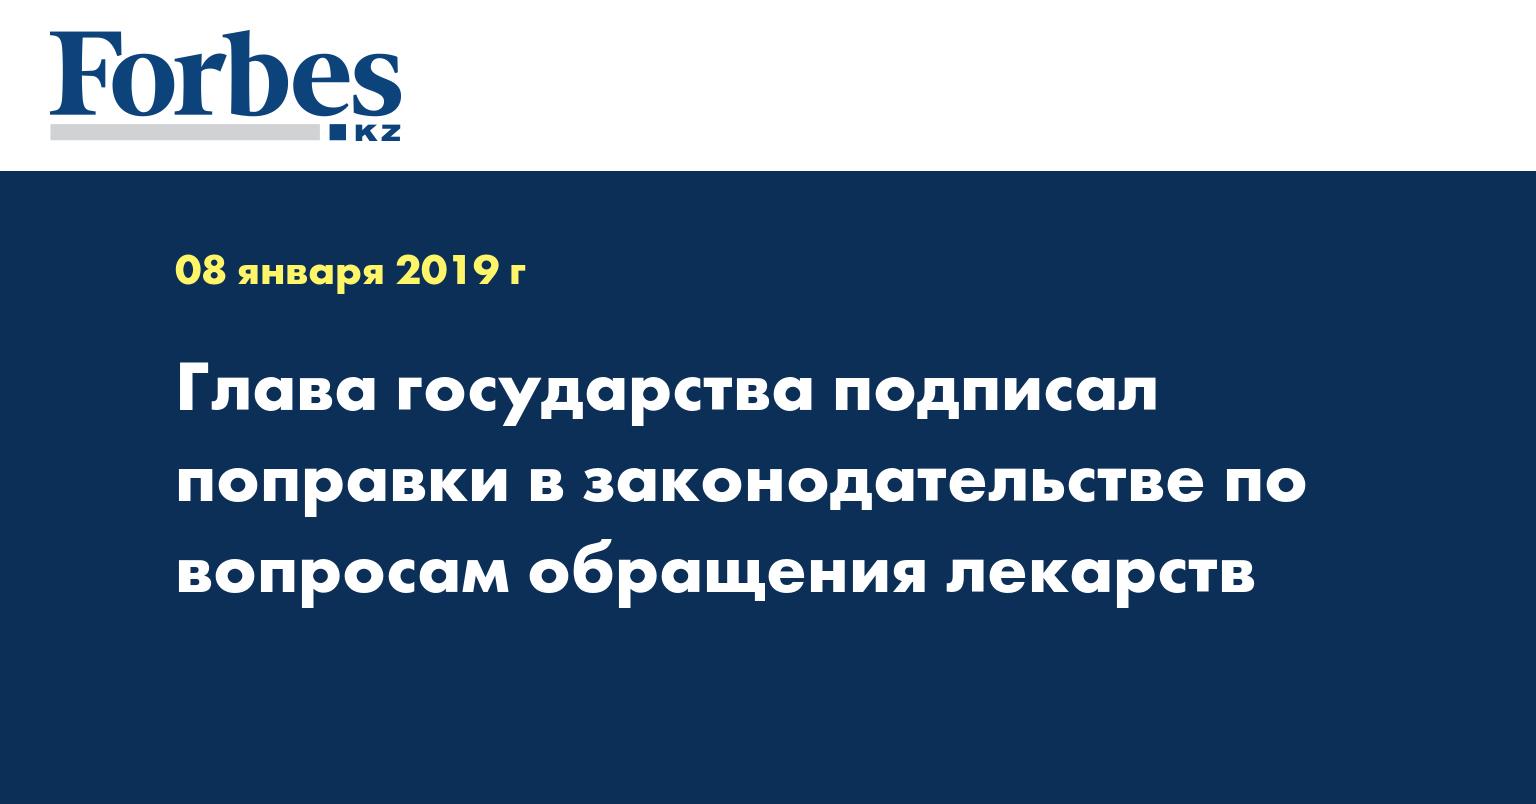 Глава государства подписал поправки в законодательстве по вопросам обращения лекарств